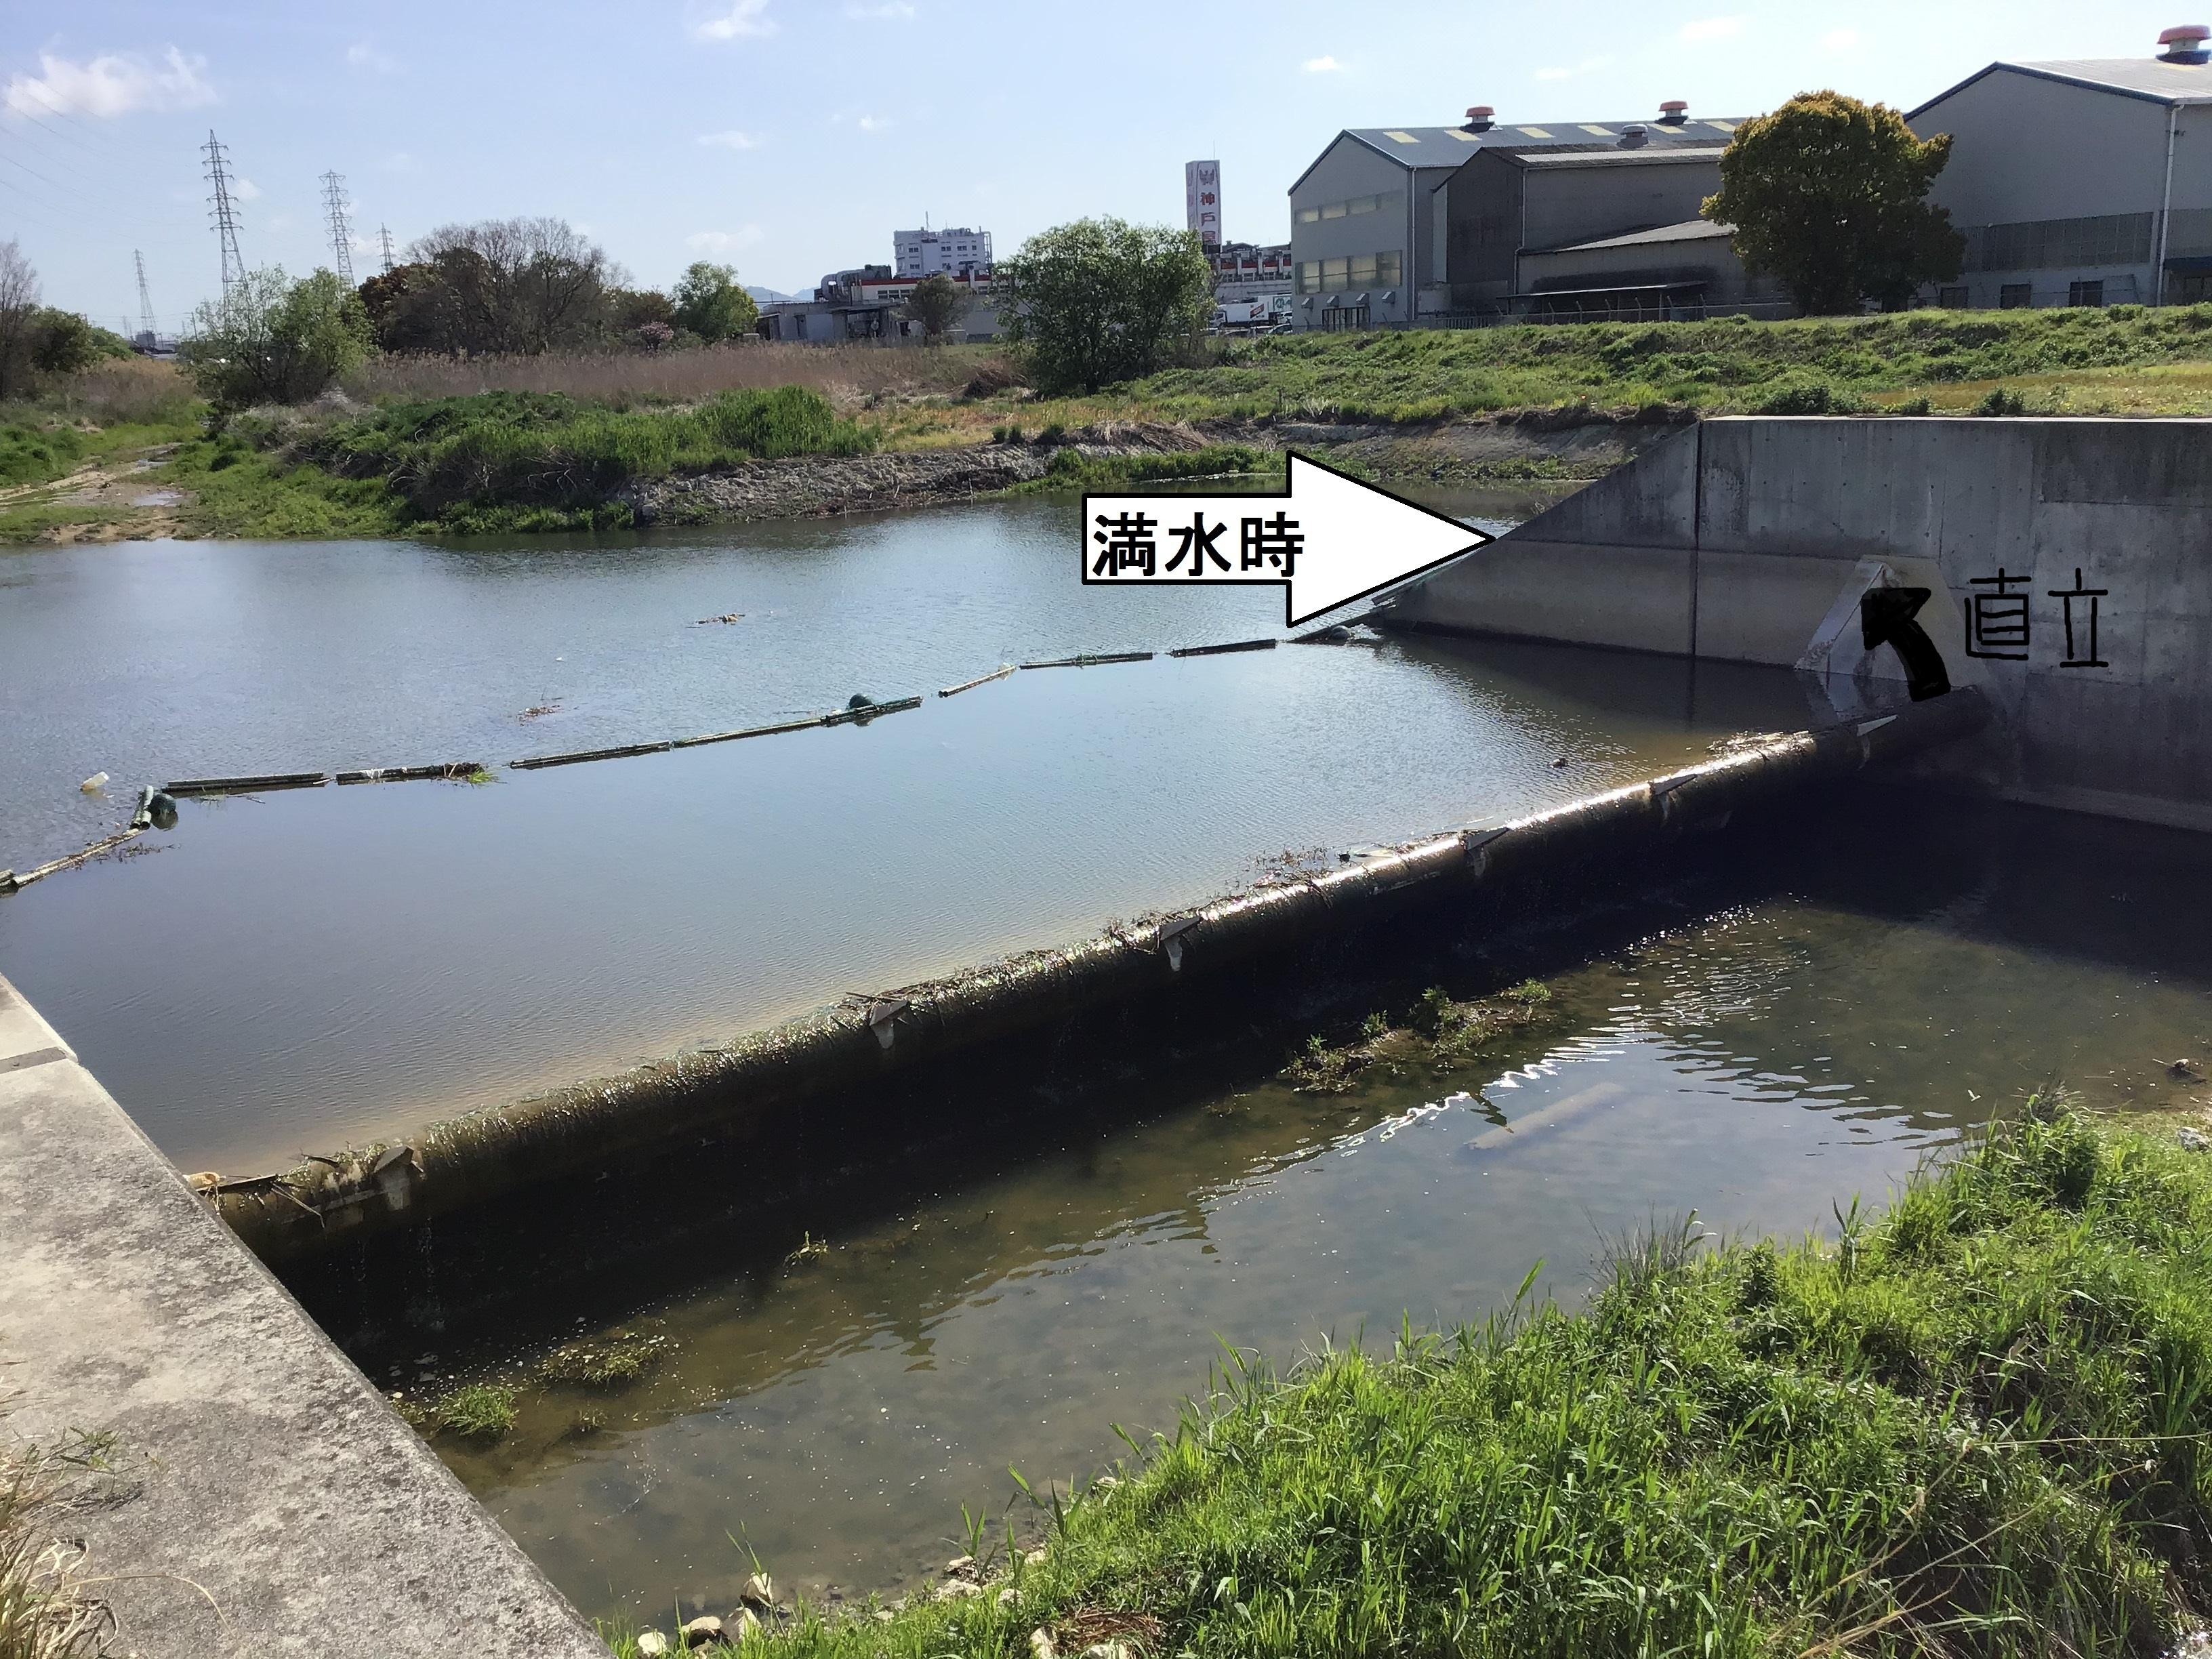 新仏池井堰転倒状況(写真右側コンクリート擁壁部水跡まで満水時水位上昇)